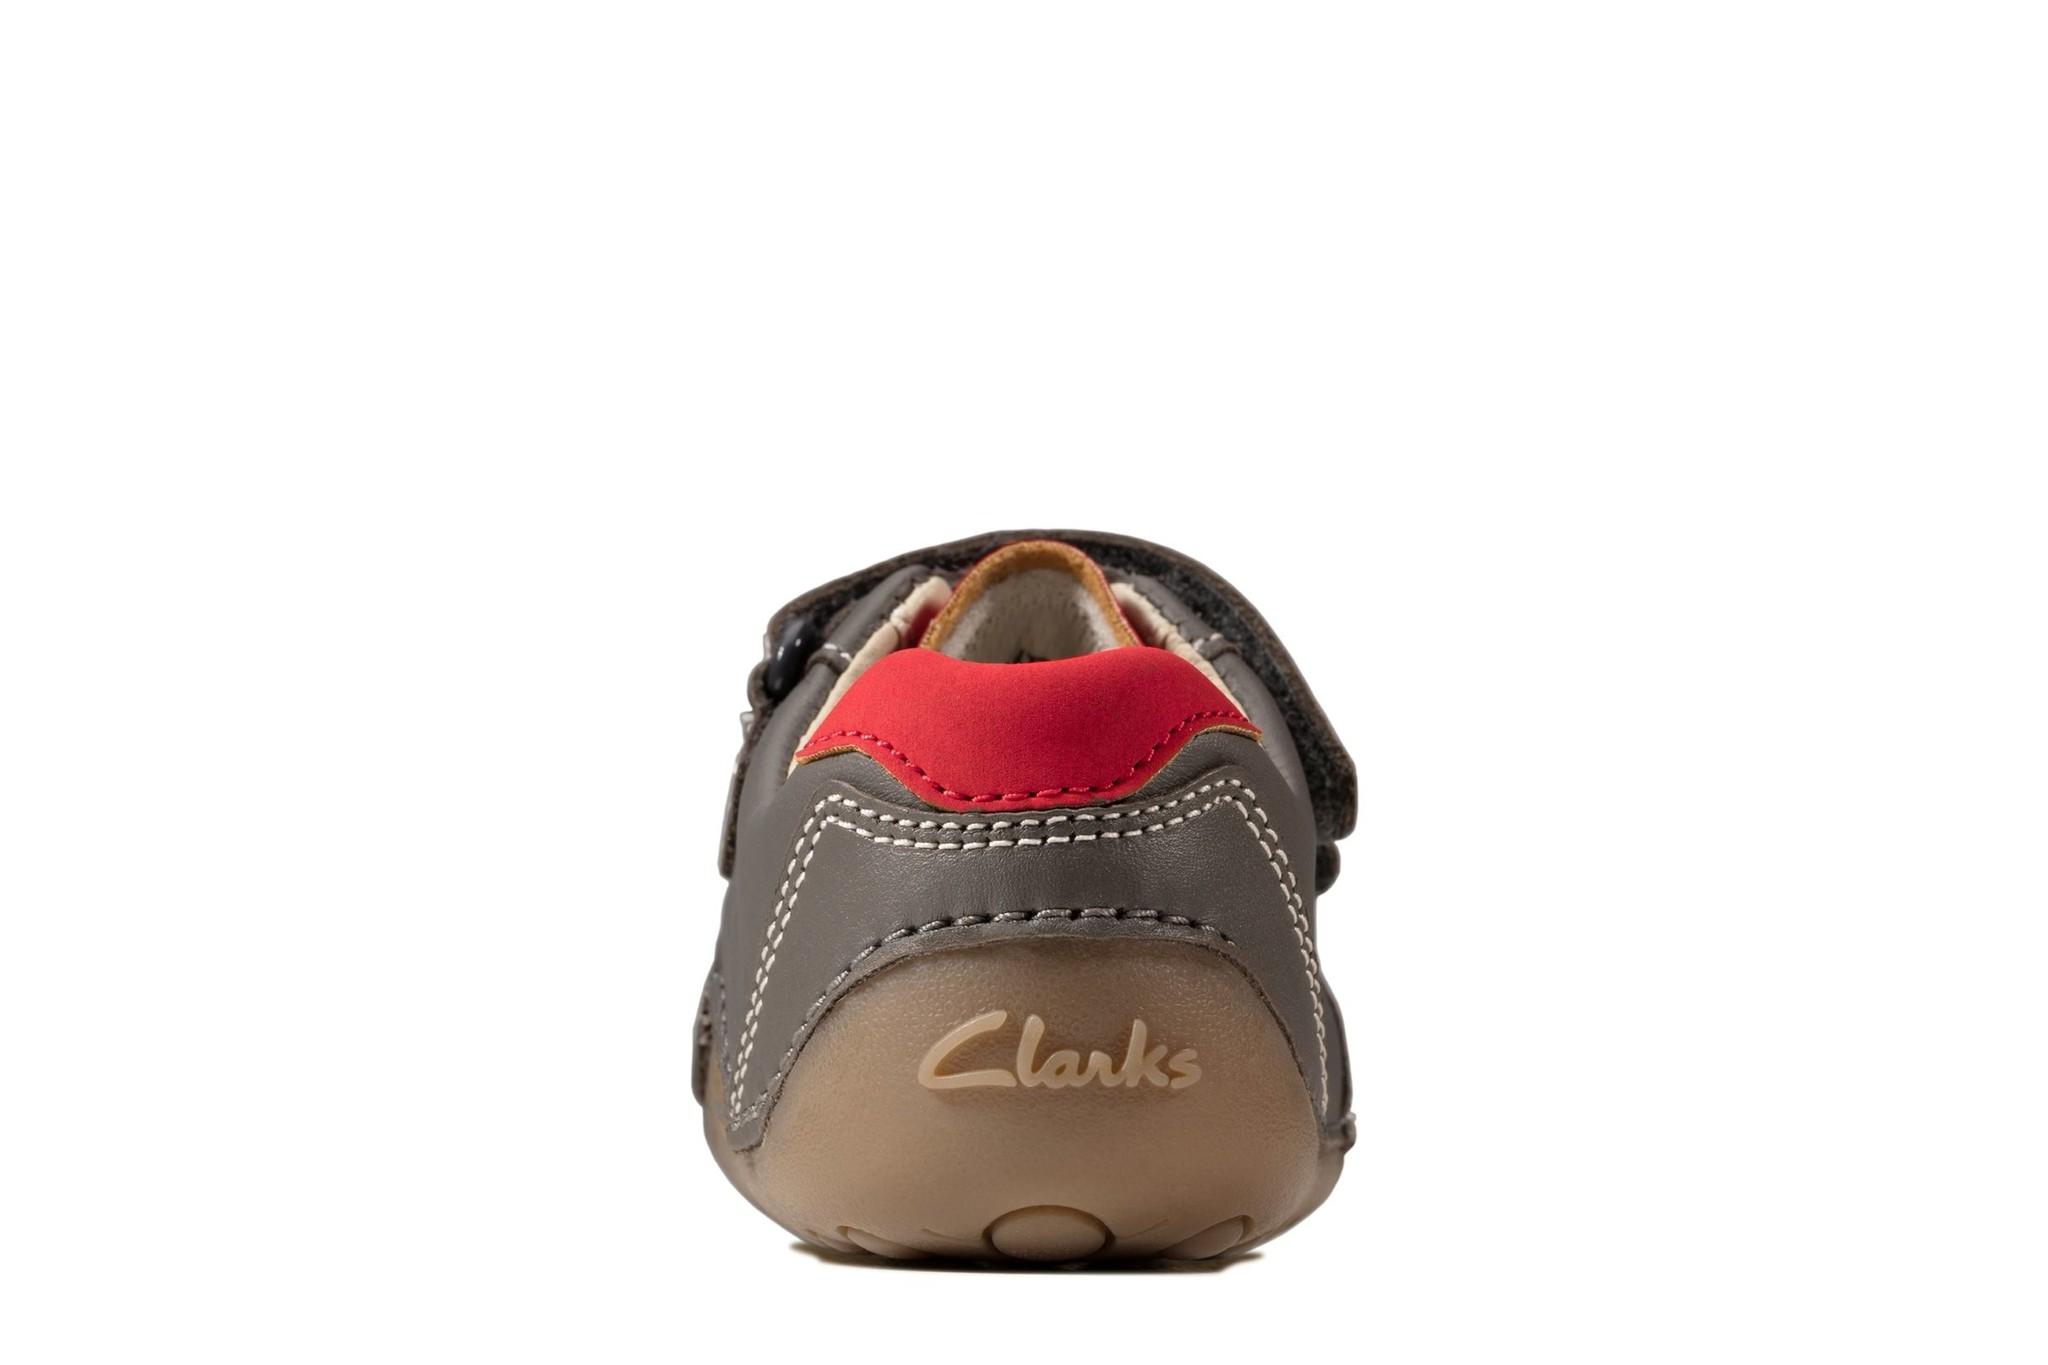 Clarks Tiny Dusk Grey